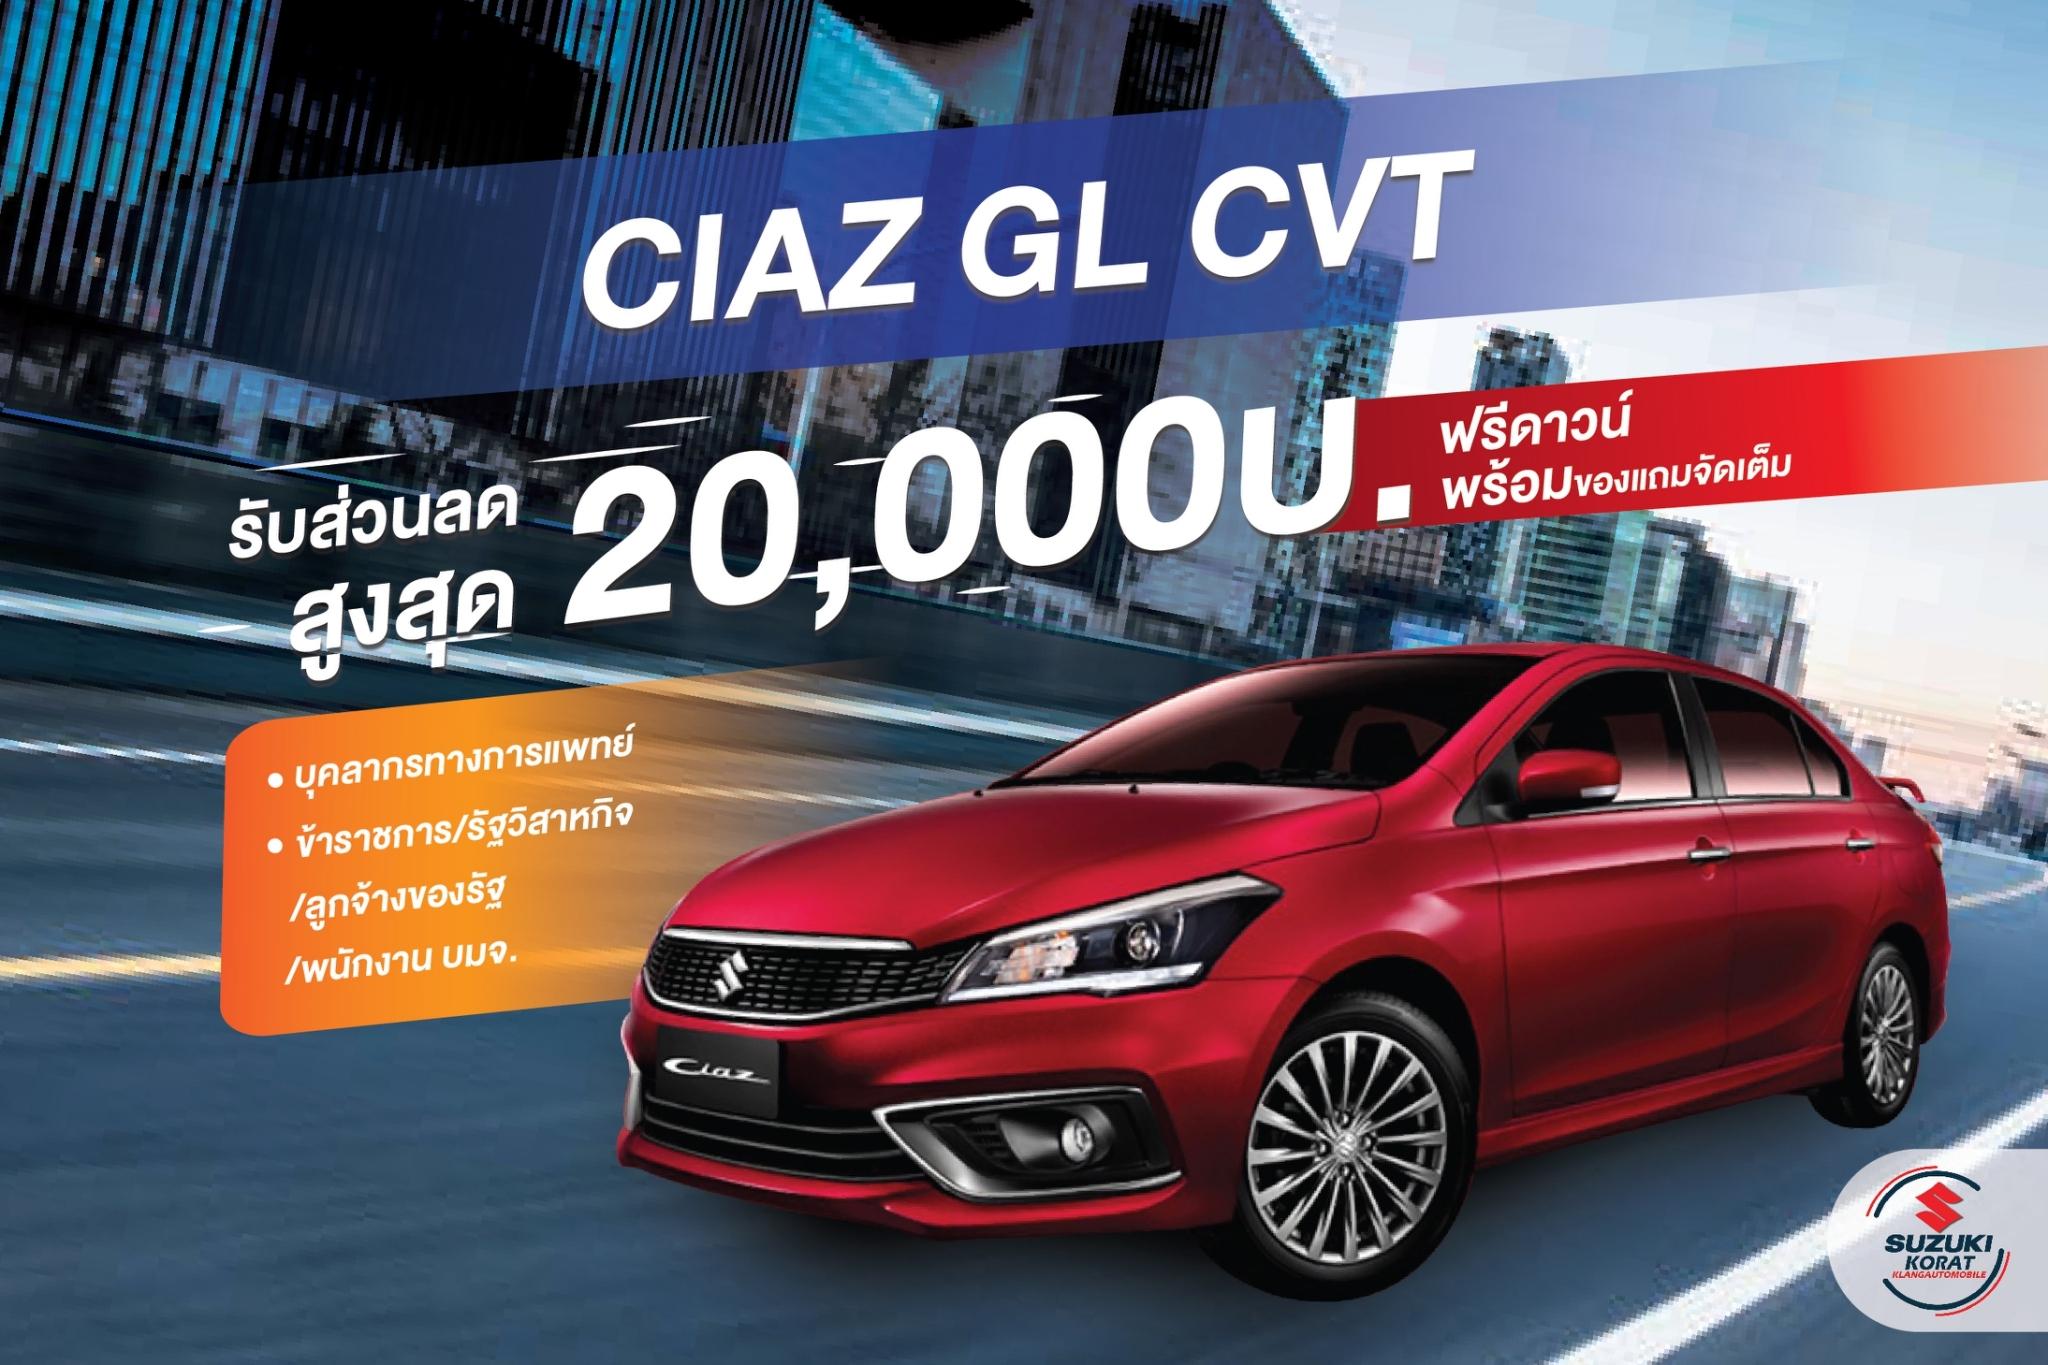 Suzuki Ciaz รุ่น GL CVT ออกรถวันนี้!! ⭐️ ฟรีดาวน์ ของแถมจัดเต็ม